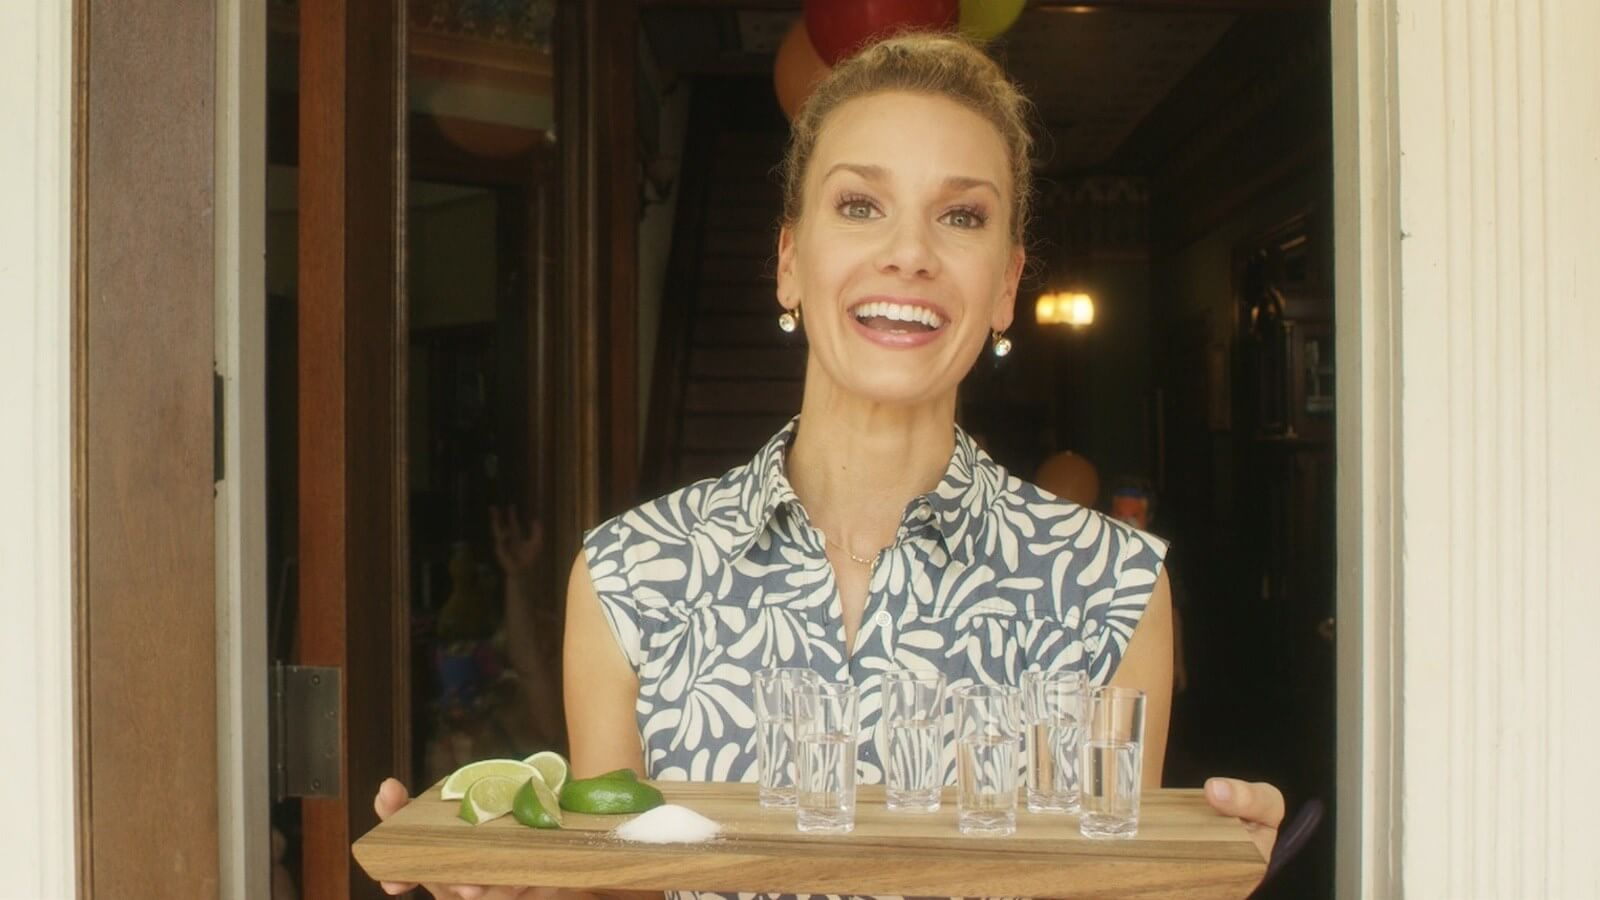 Image Still from Short Film 'Peggy'